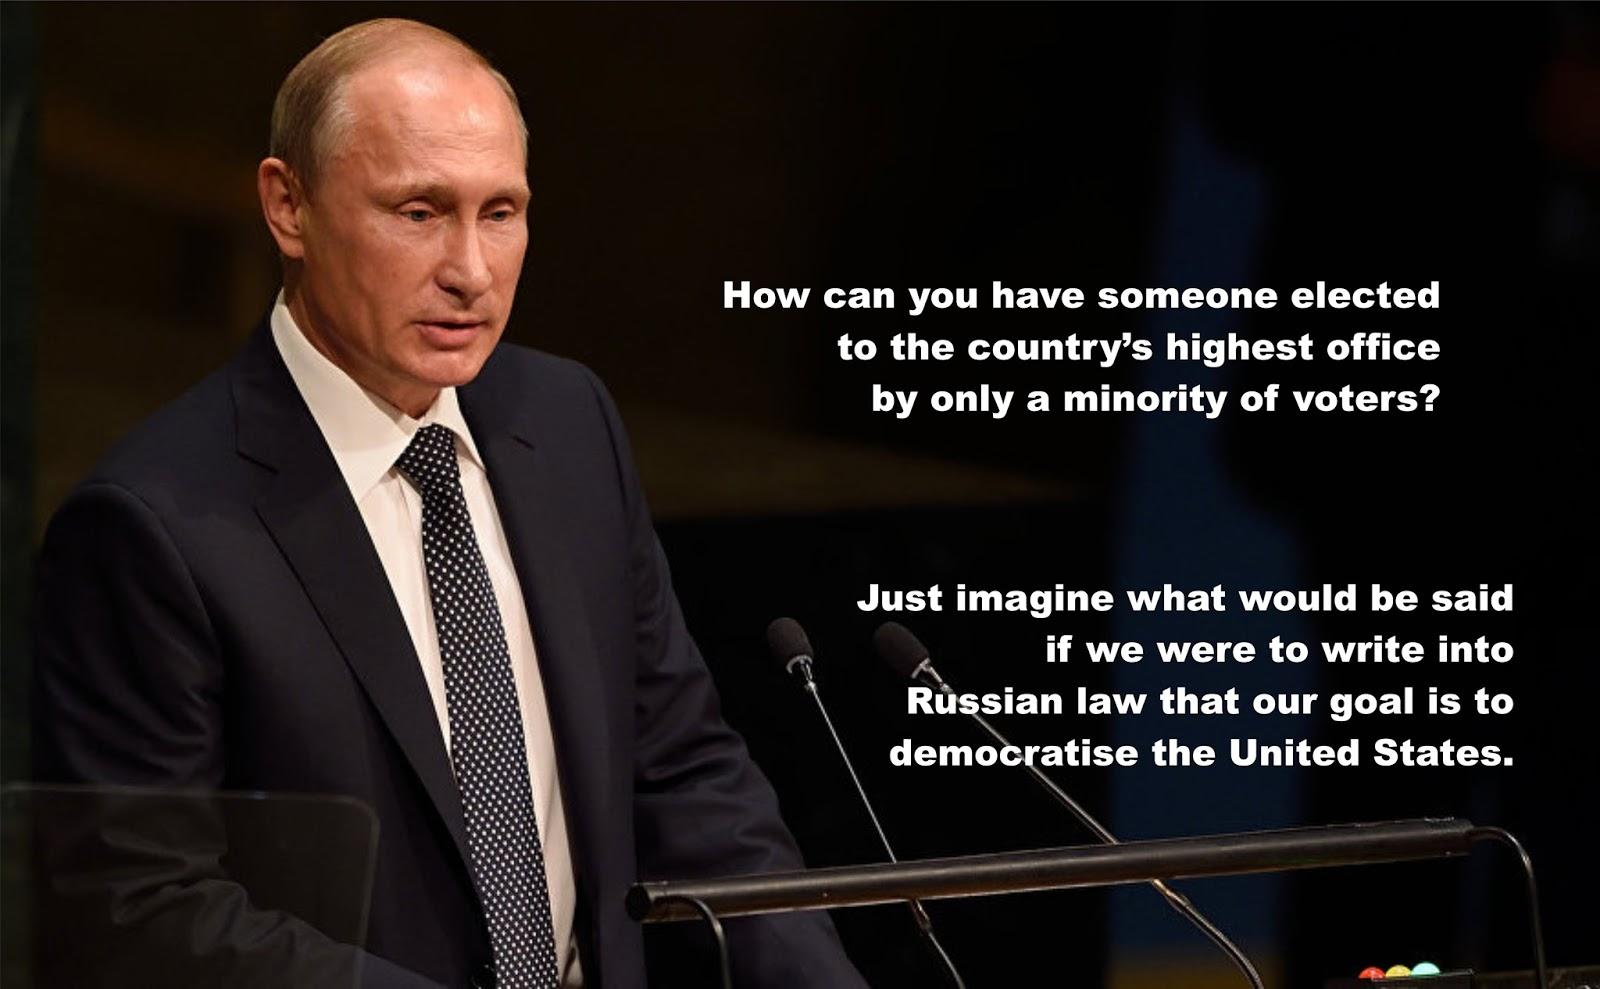 http://en.kremlin.ru/events/president/transcripts/50548